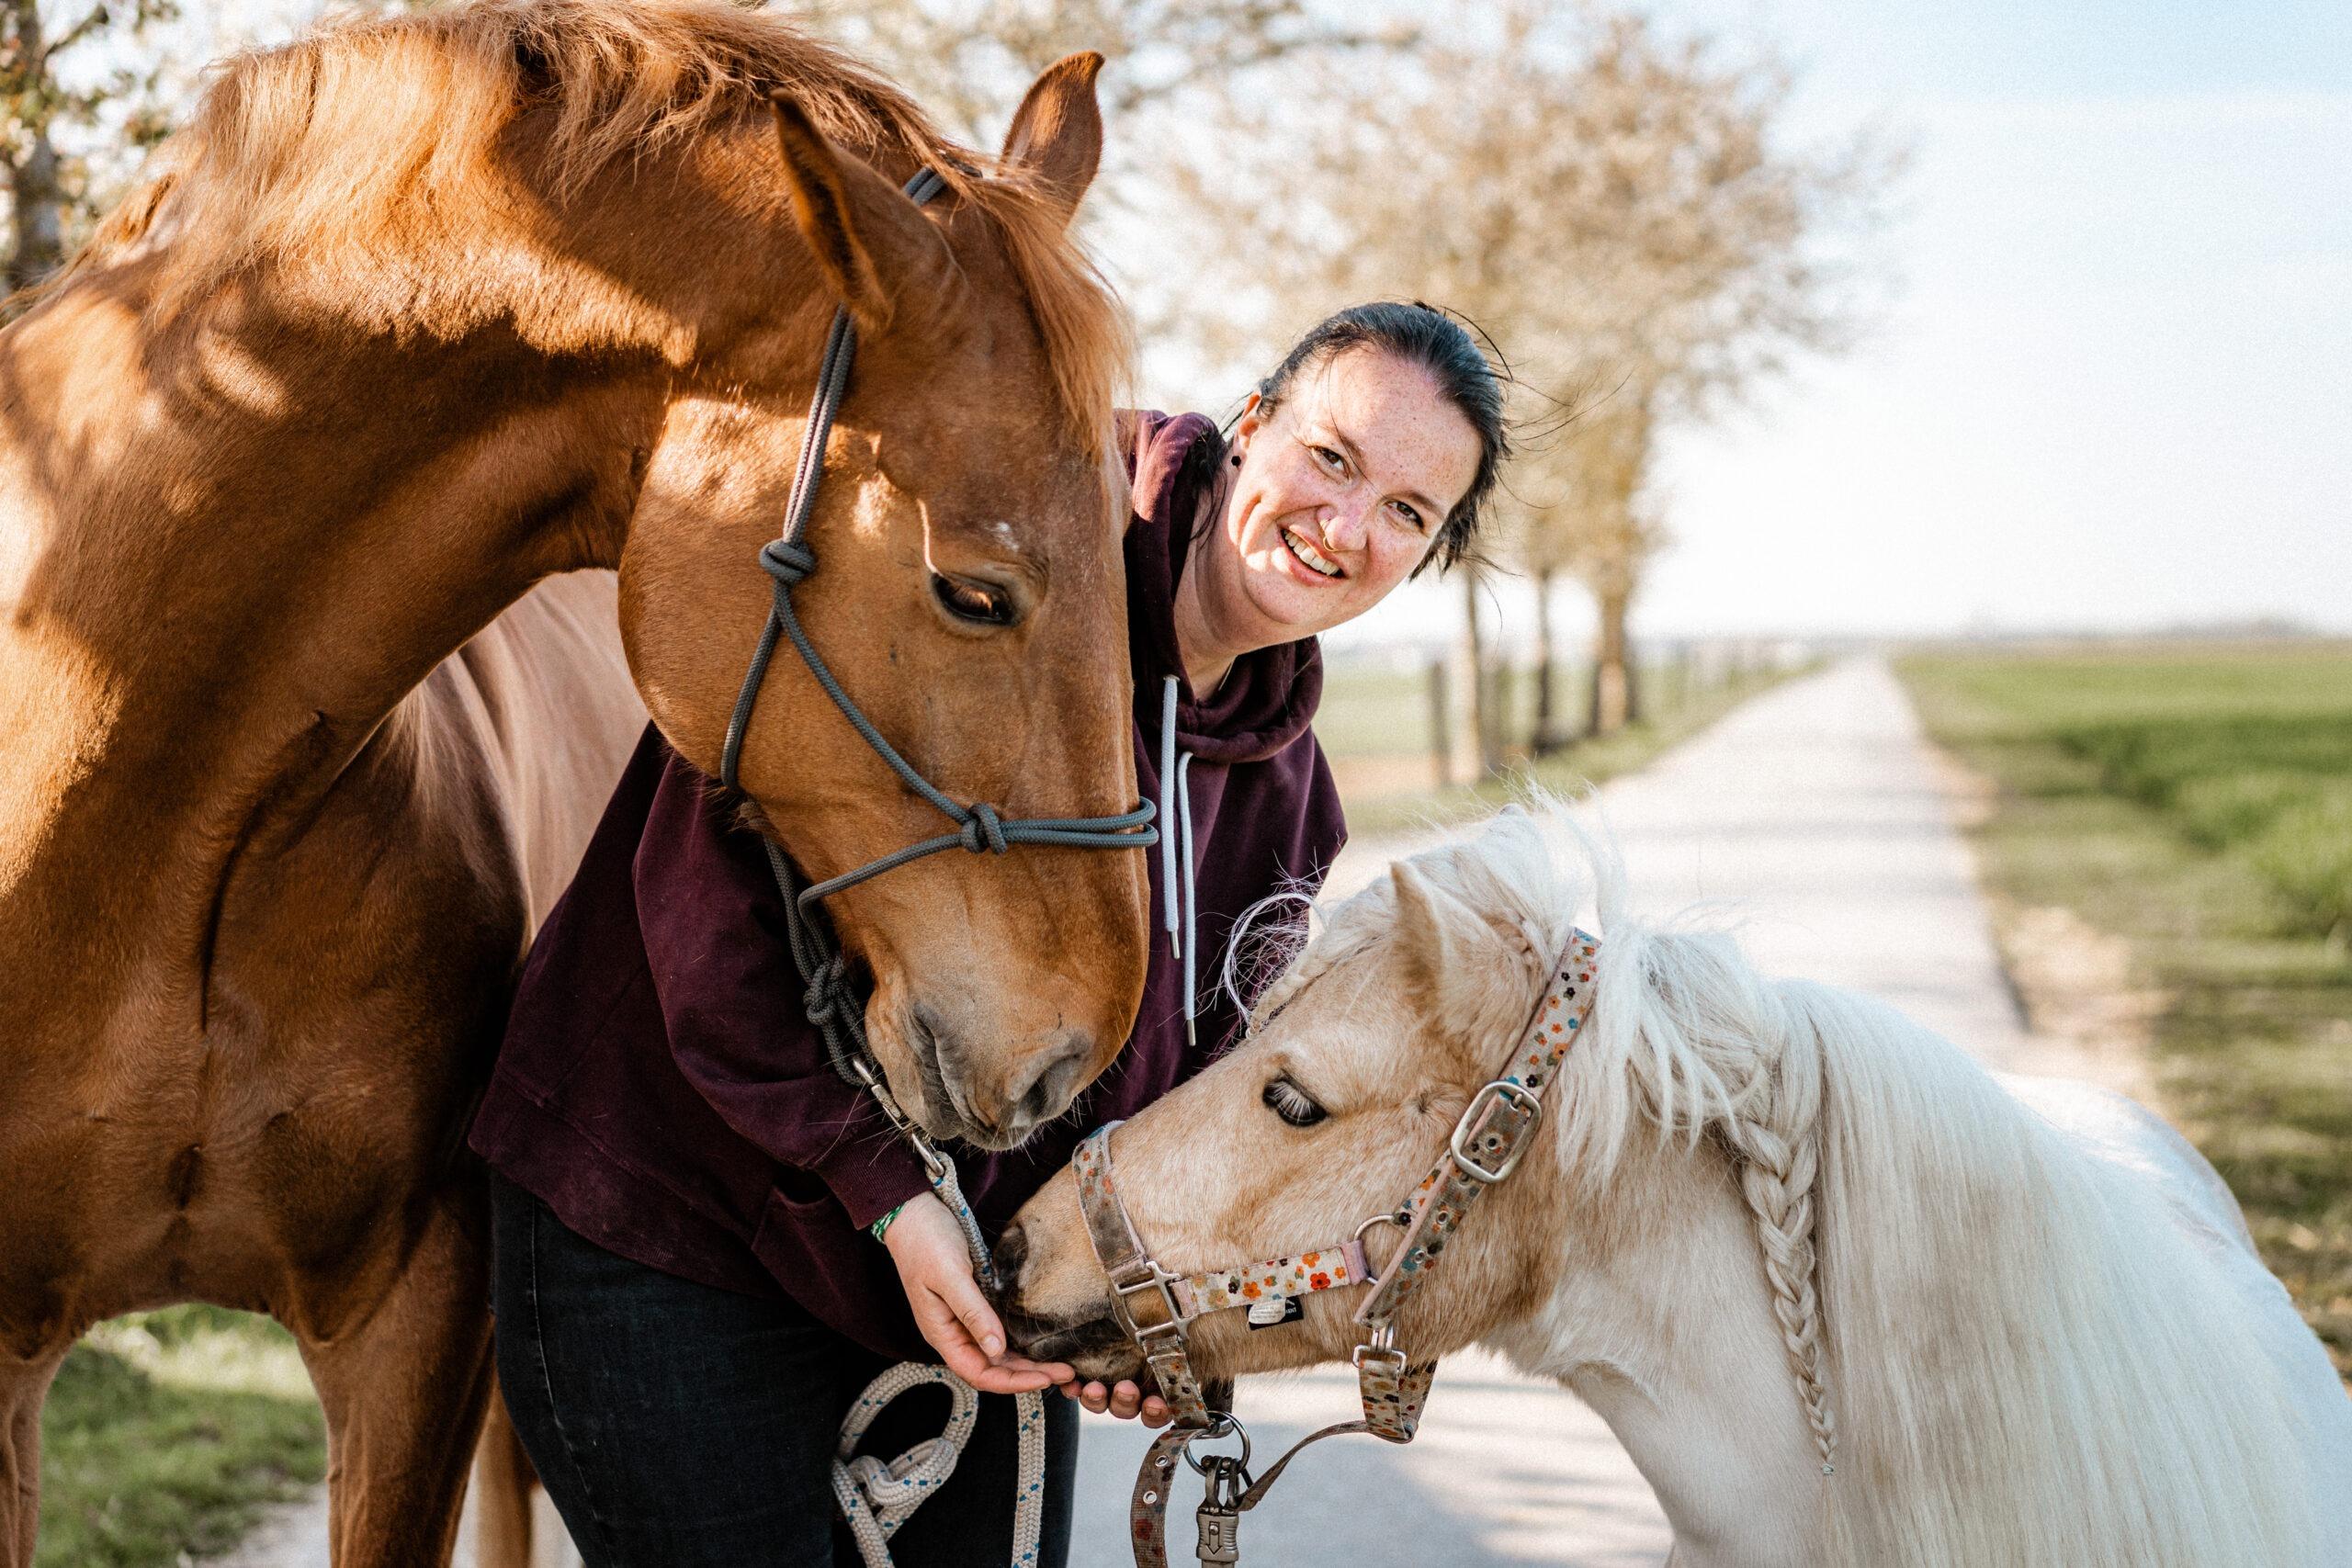 """<a href=""""https://www.jasminbaumgart.de/"""">Jasmin Baumgart - Coaching für Pferd und Reiter</a>"""